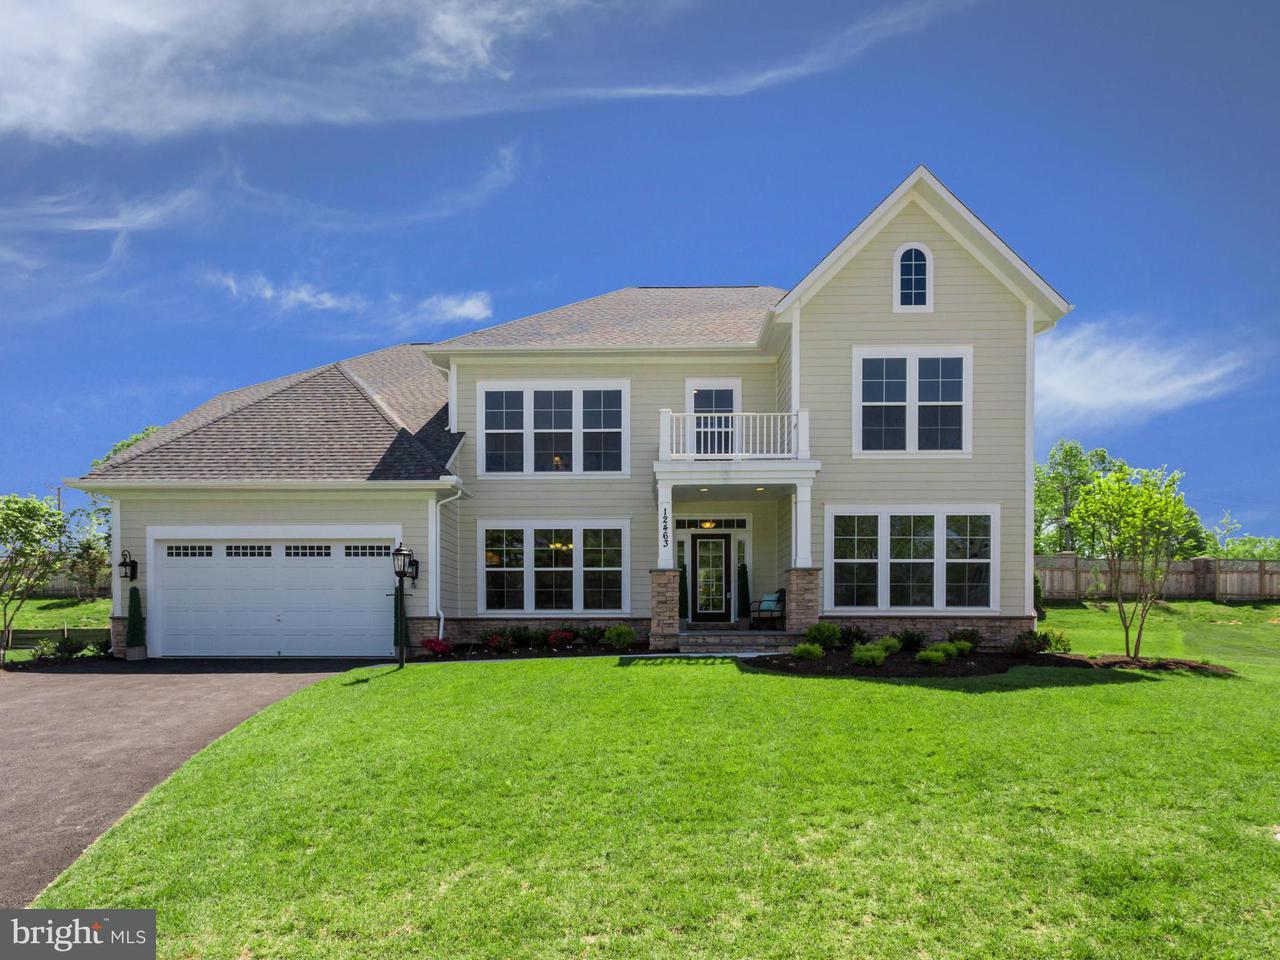 Maison unifamiliale pour l Vente à 12463 MARGARET THOMAS Lane 12463 MARGARET THOMAS Lane Oak Hill, Virginia 20171 États-Unis